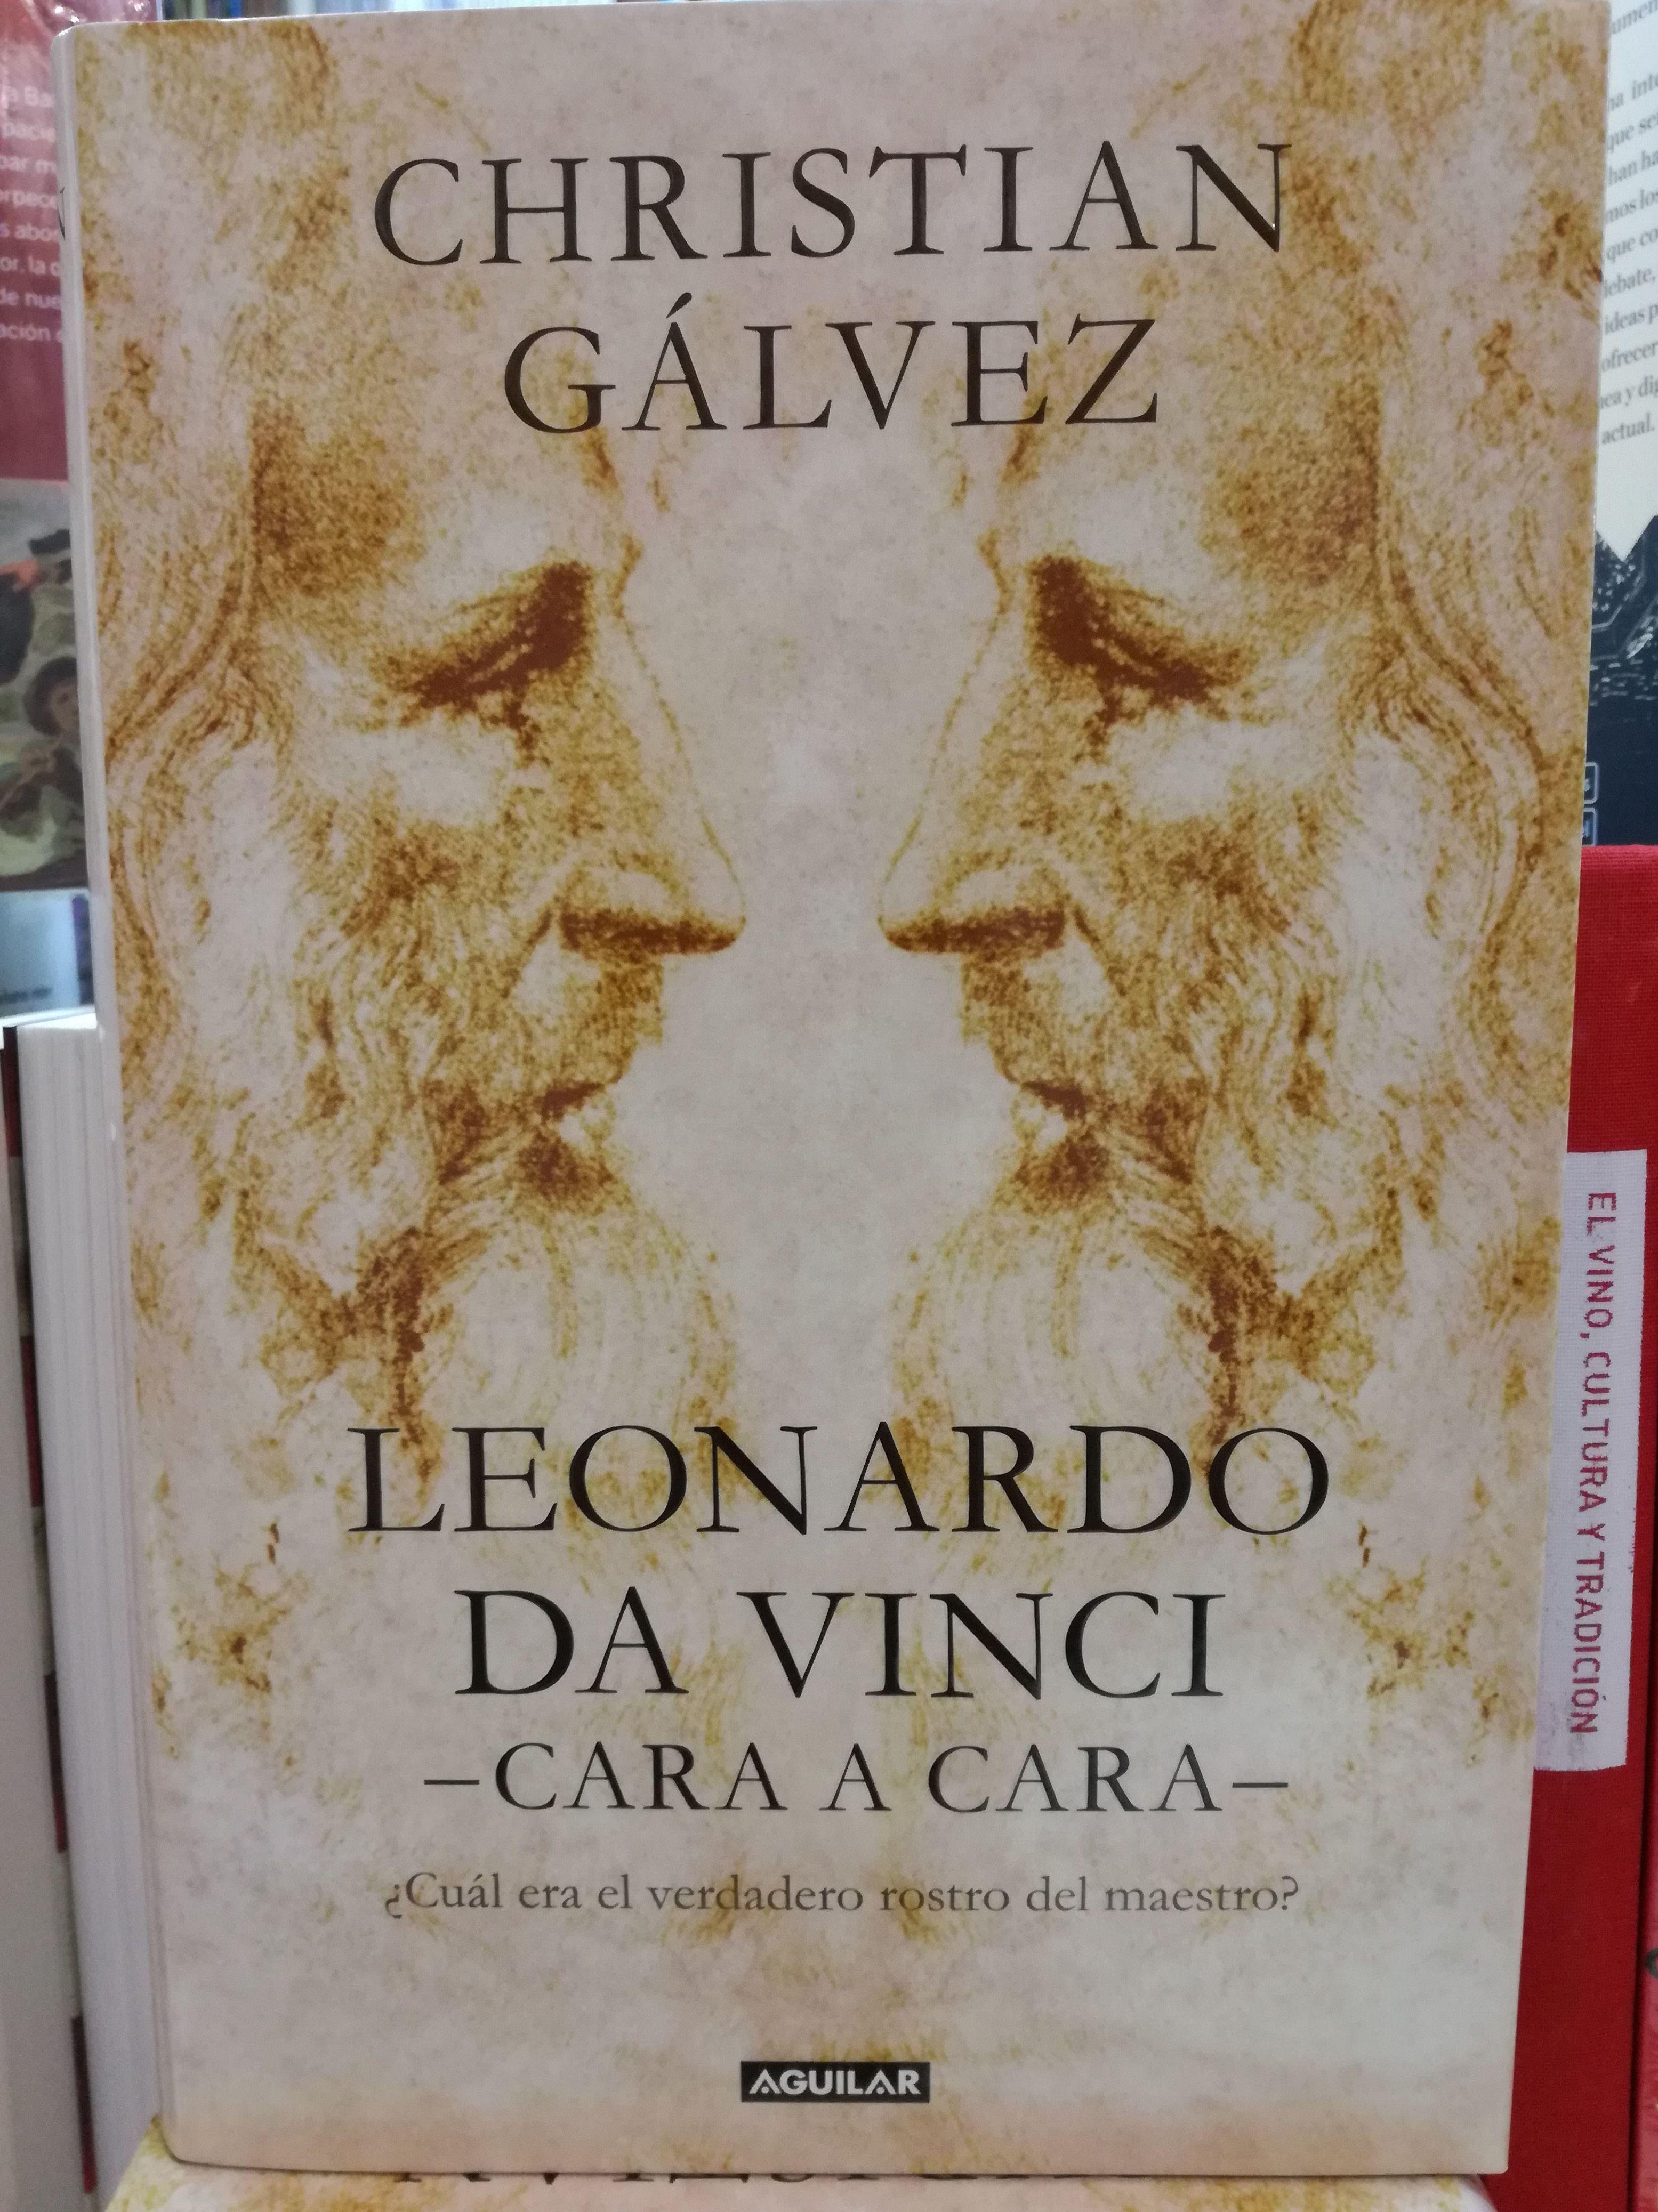 LEONARDO DA VINCI CARA A CARA : SECCIONES de Librería Nueva Plaza Universitaria